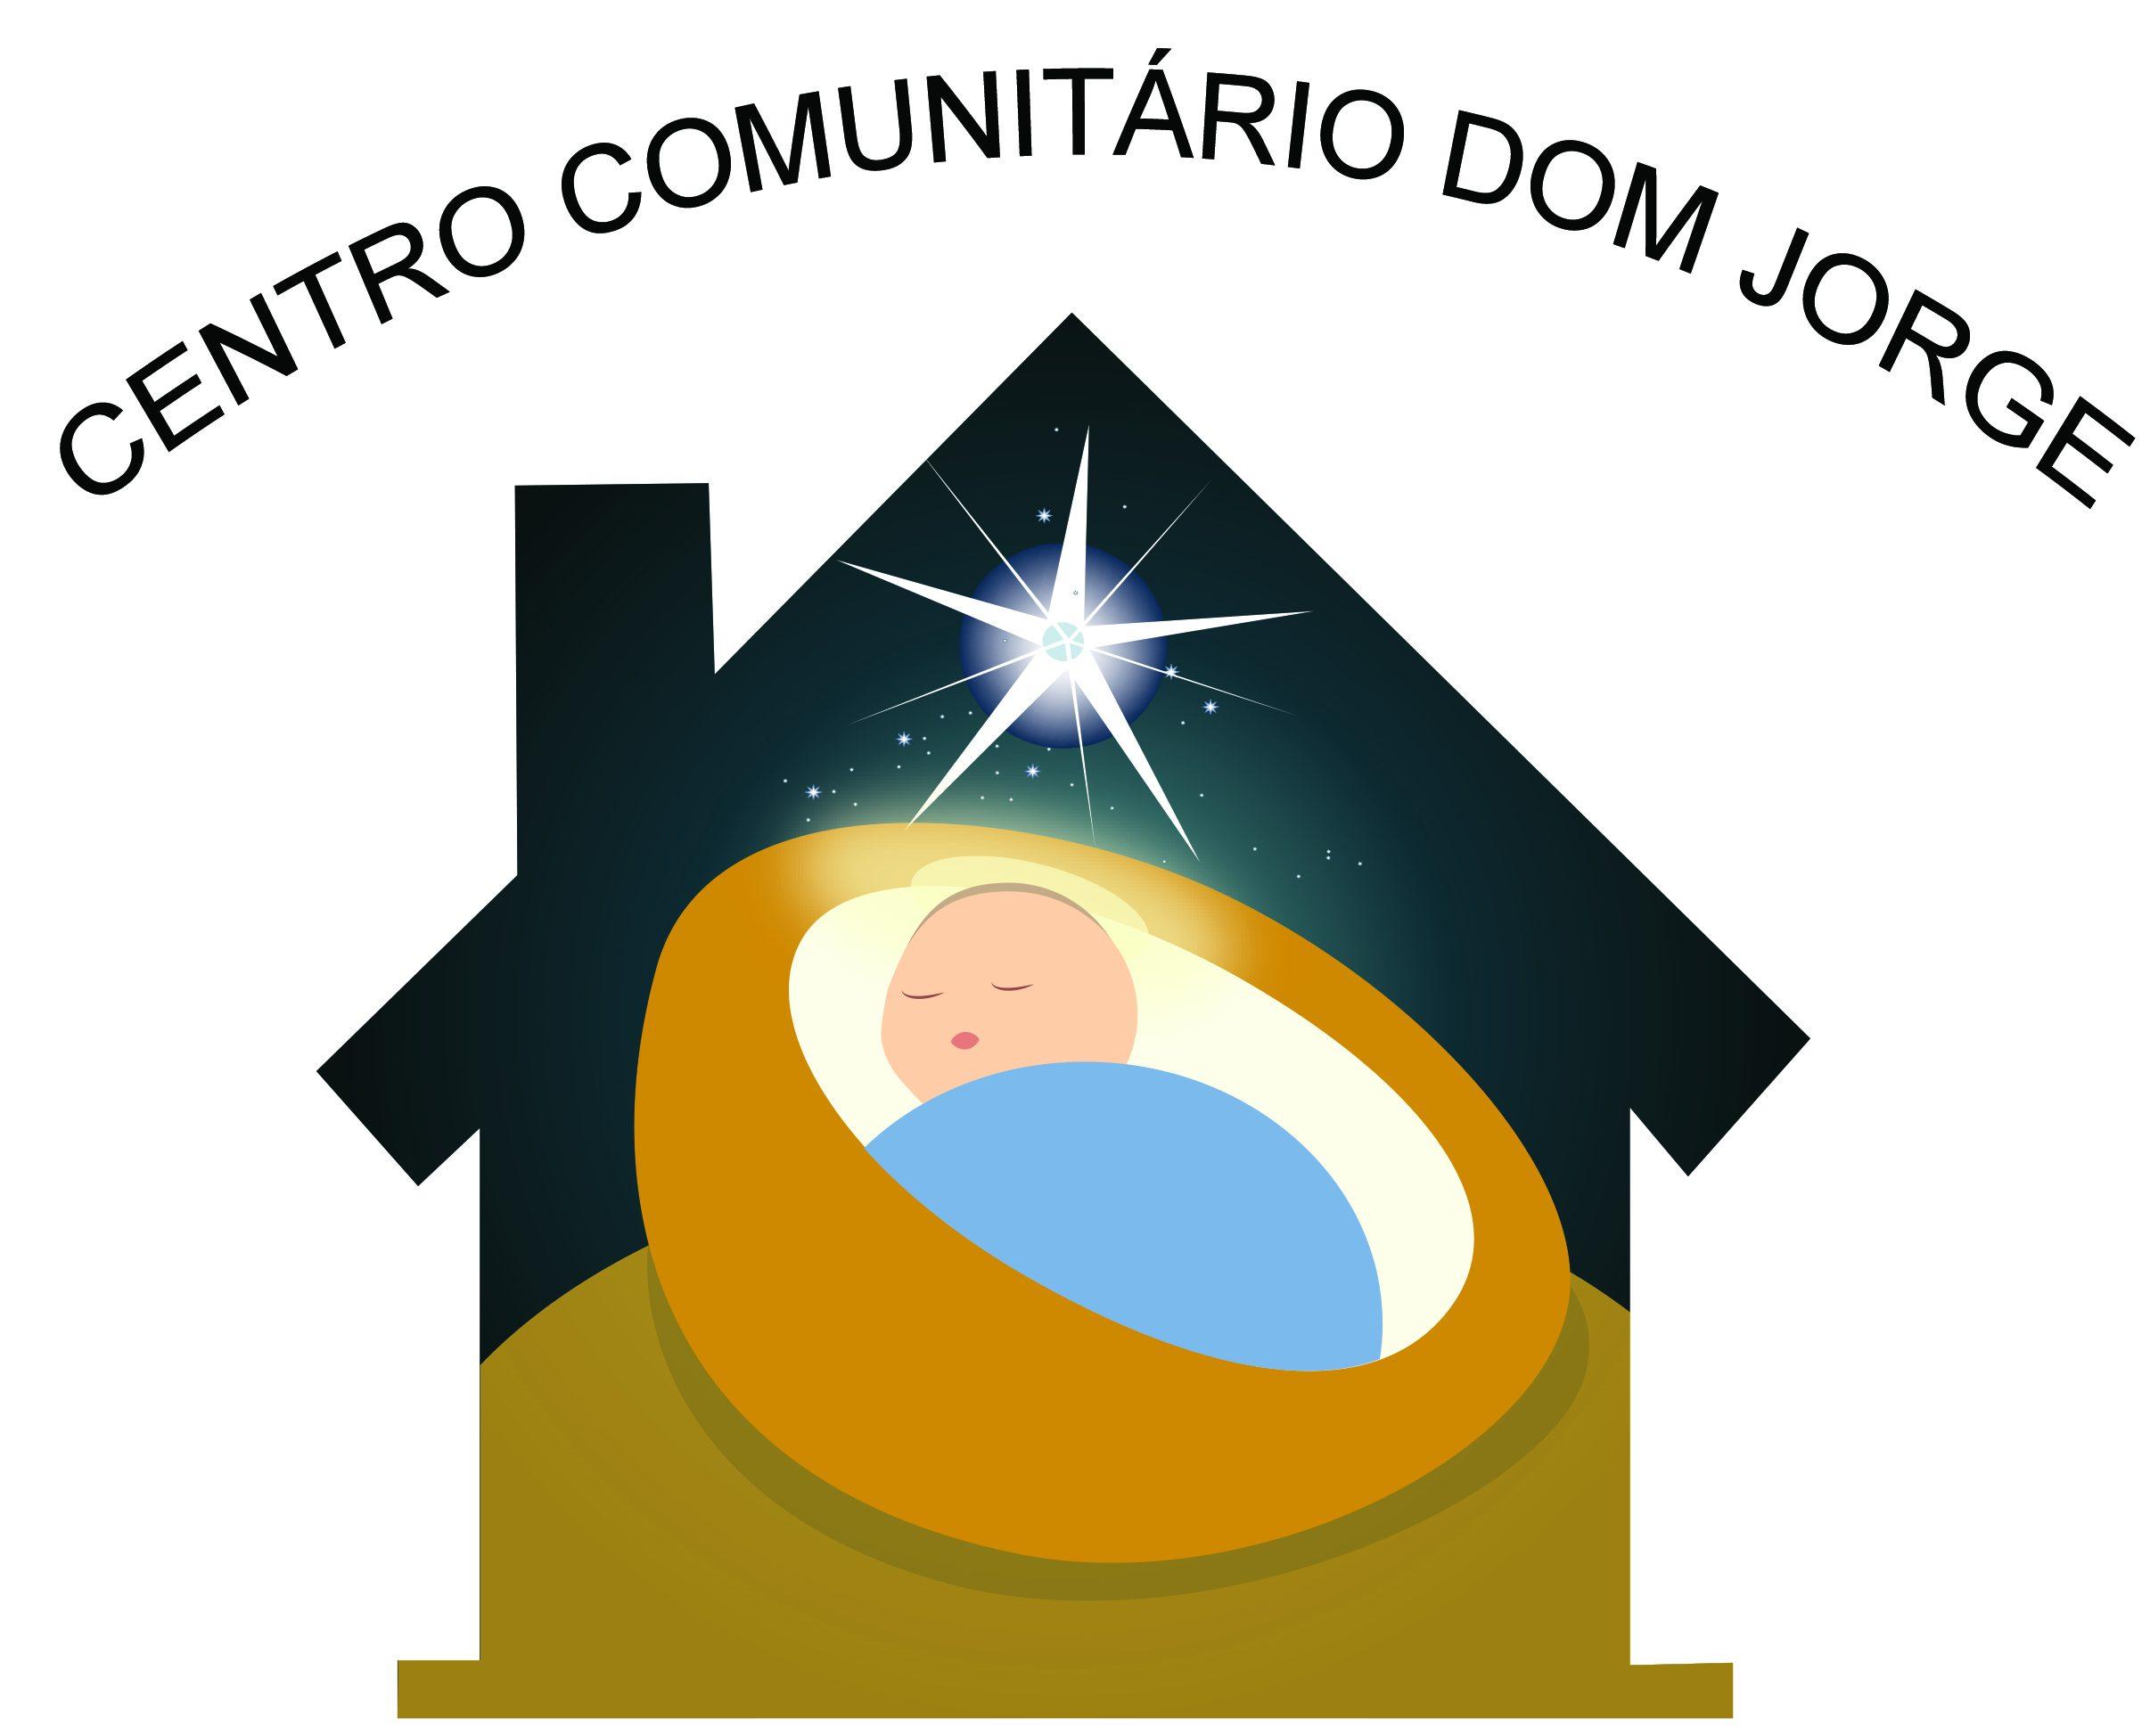 Centro Comunitário Dom Jorge